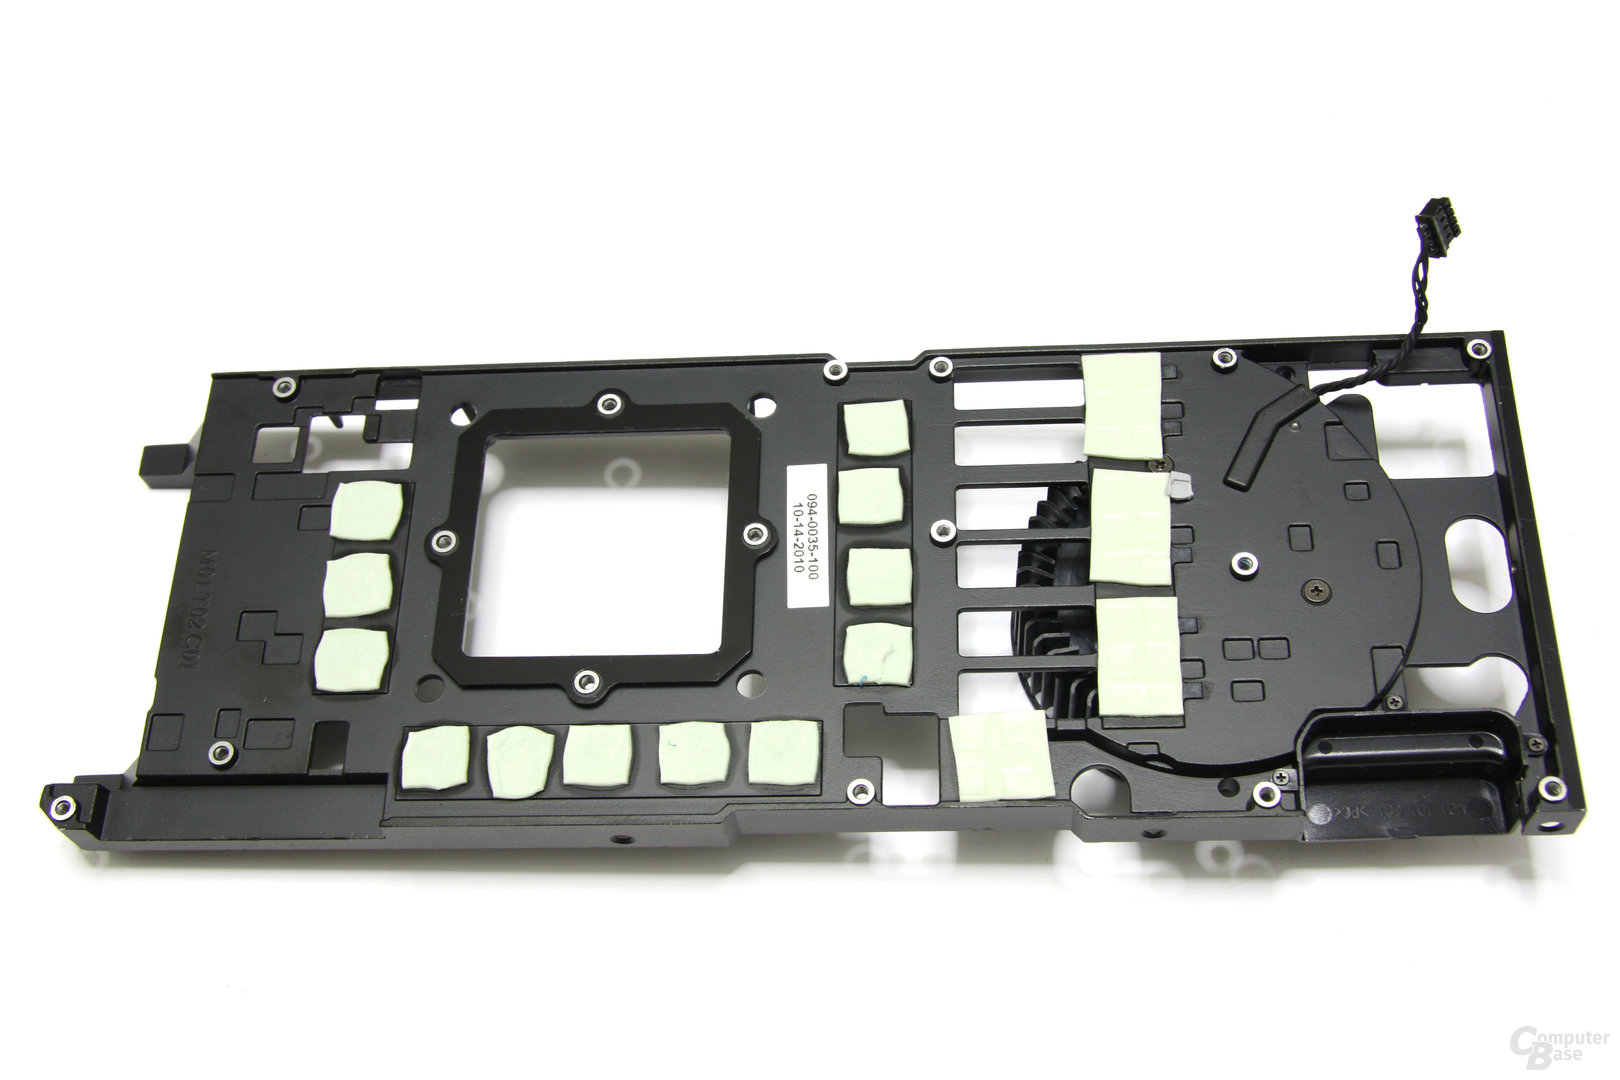 GeForce GTX 580 Kühlerrückseite